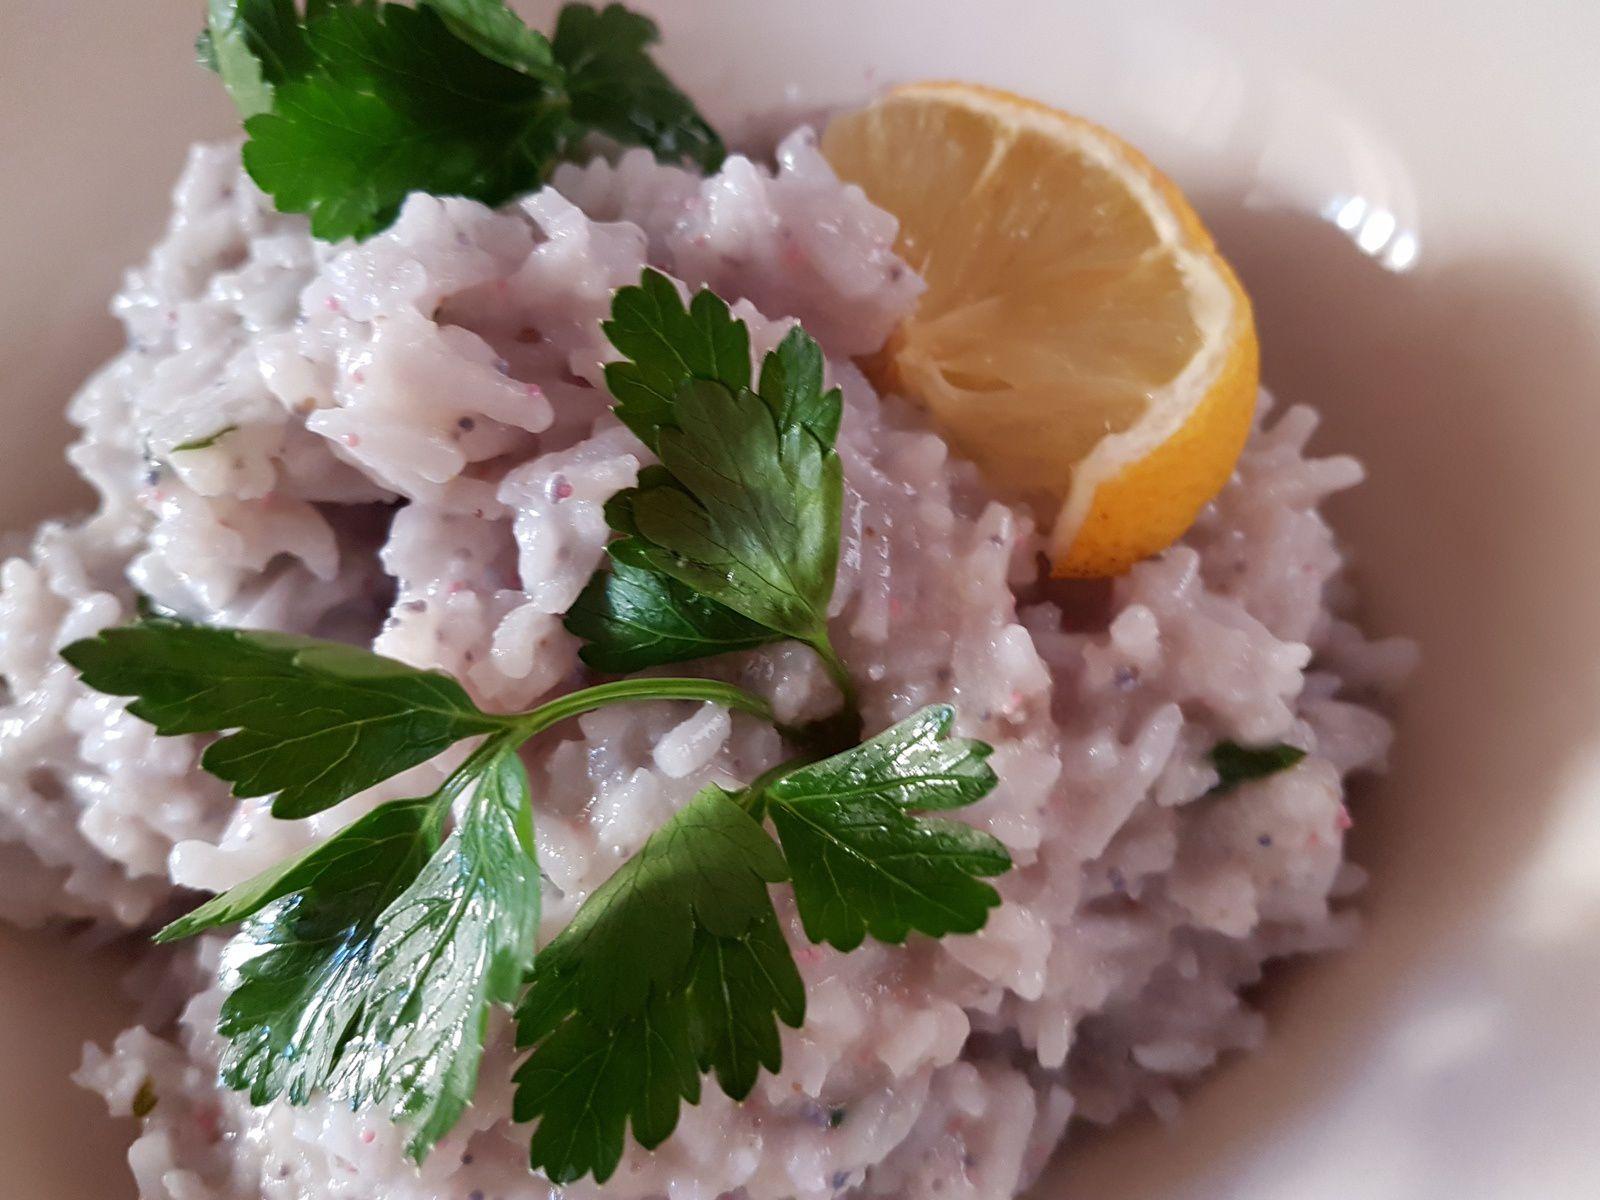 Risotto al caviale con panna vegetale guarnire con caviale, prezzemolo e mezza fetta limone